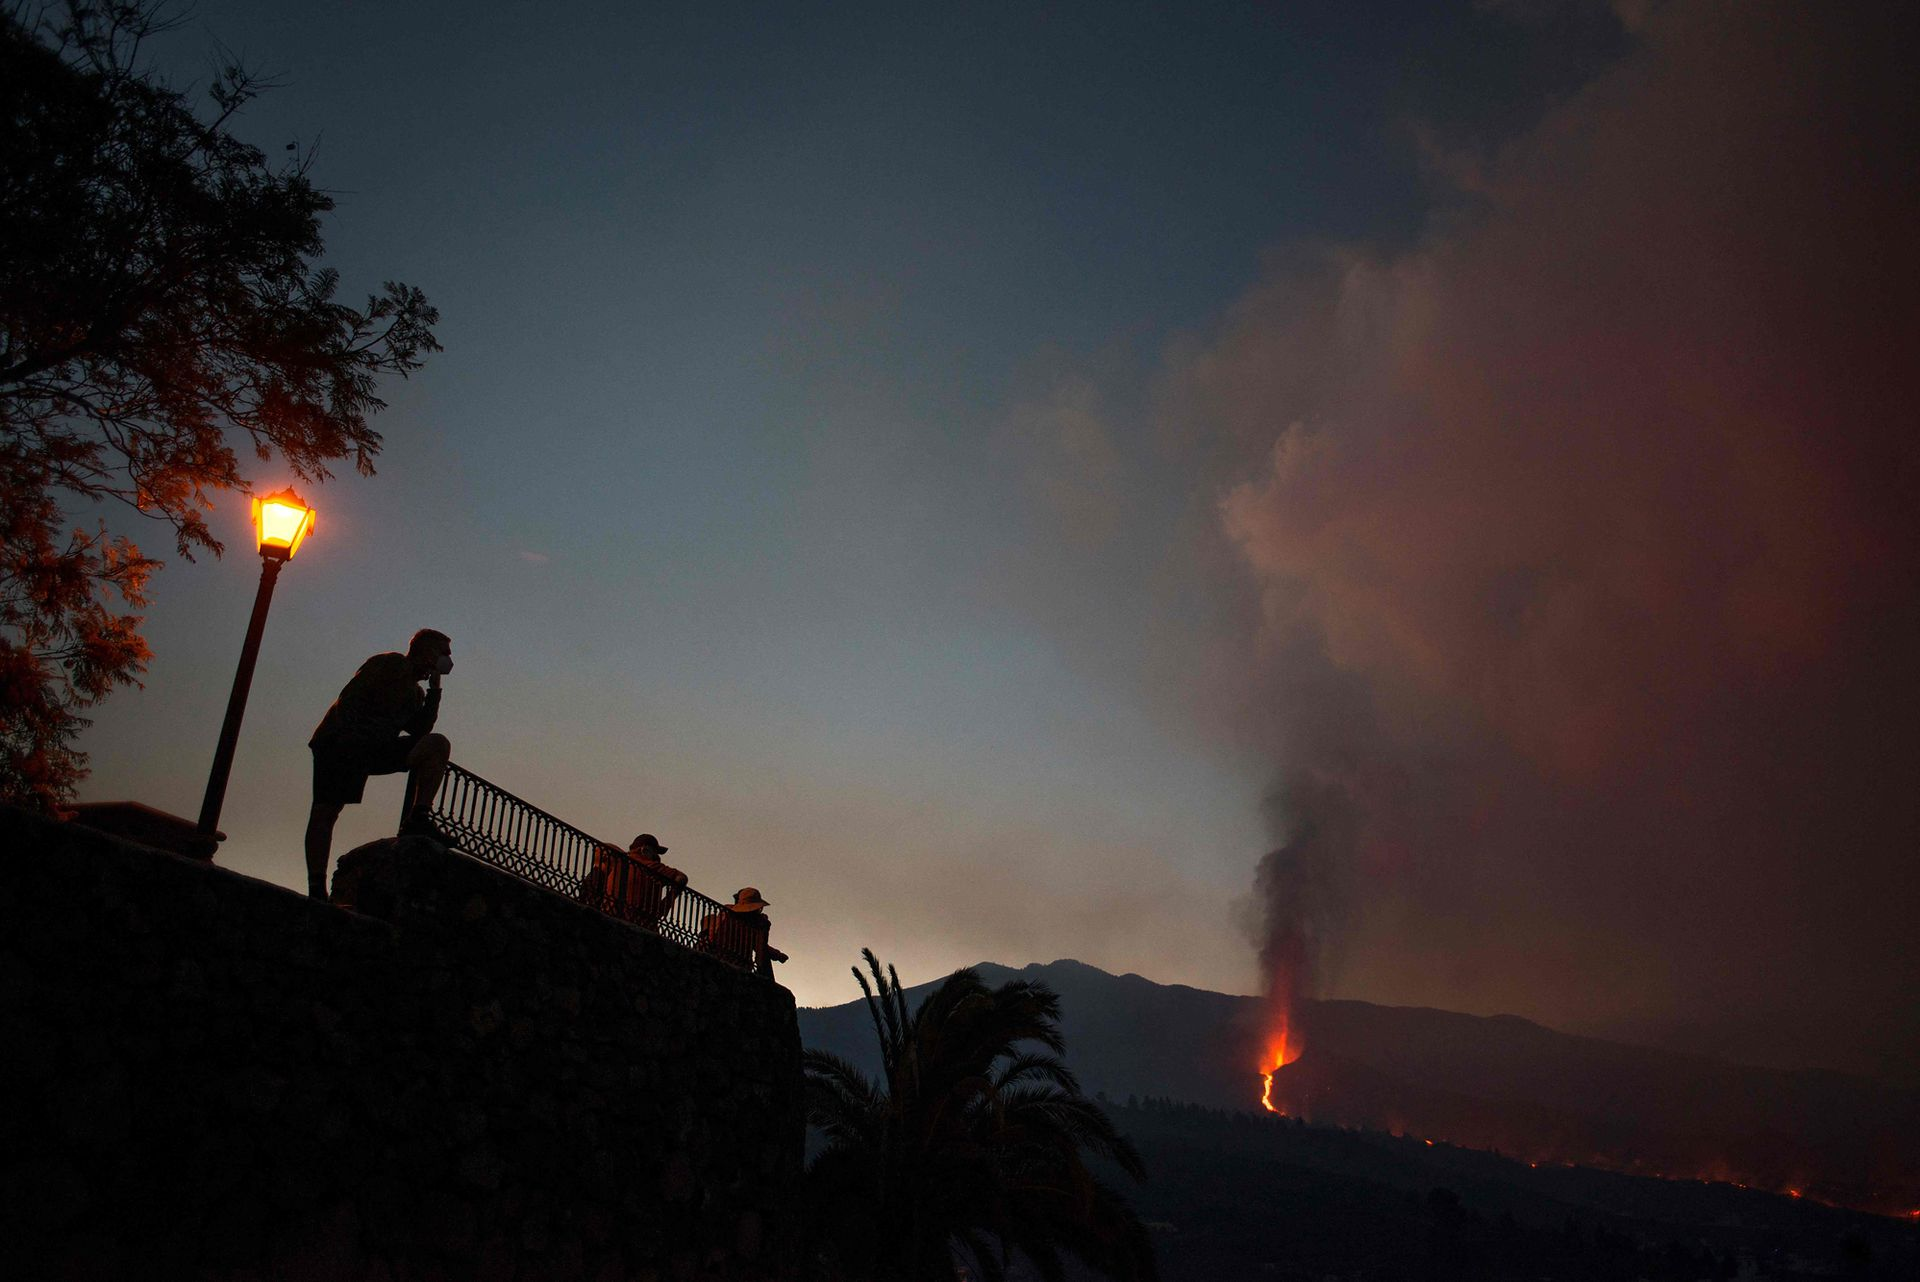 Varias personas se acercan a ver el espectáculo natural de la erupción